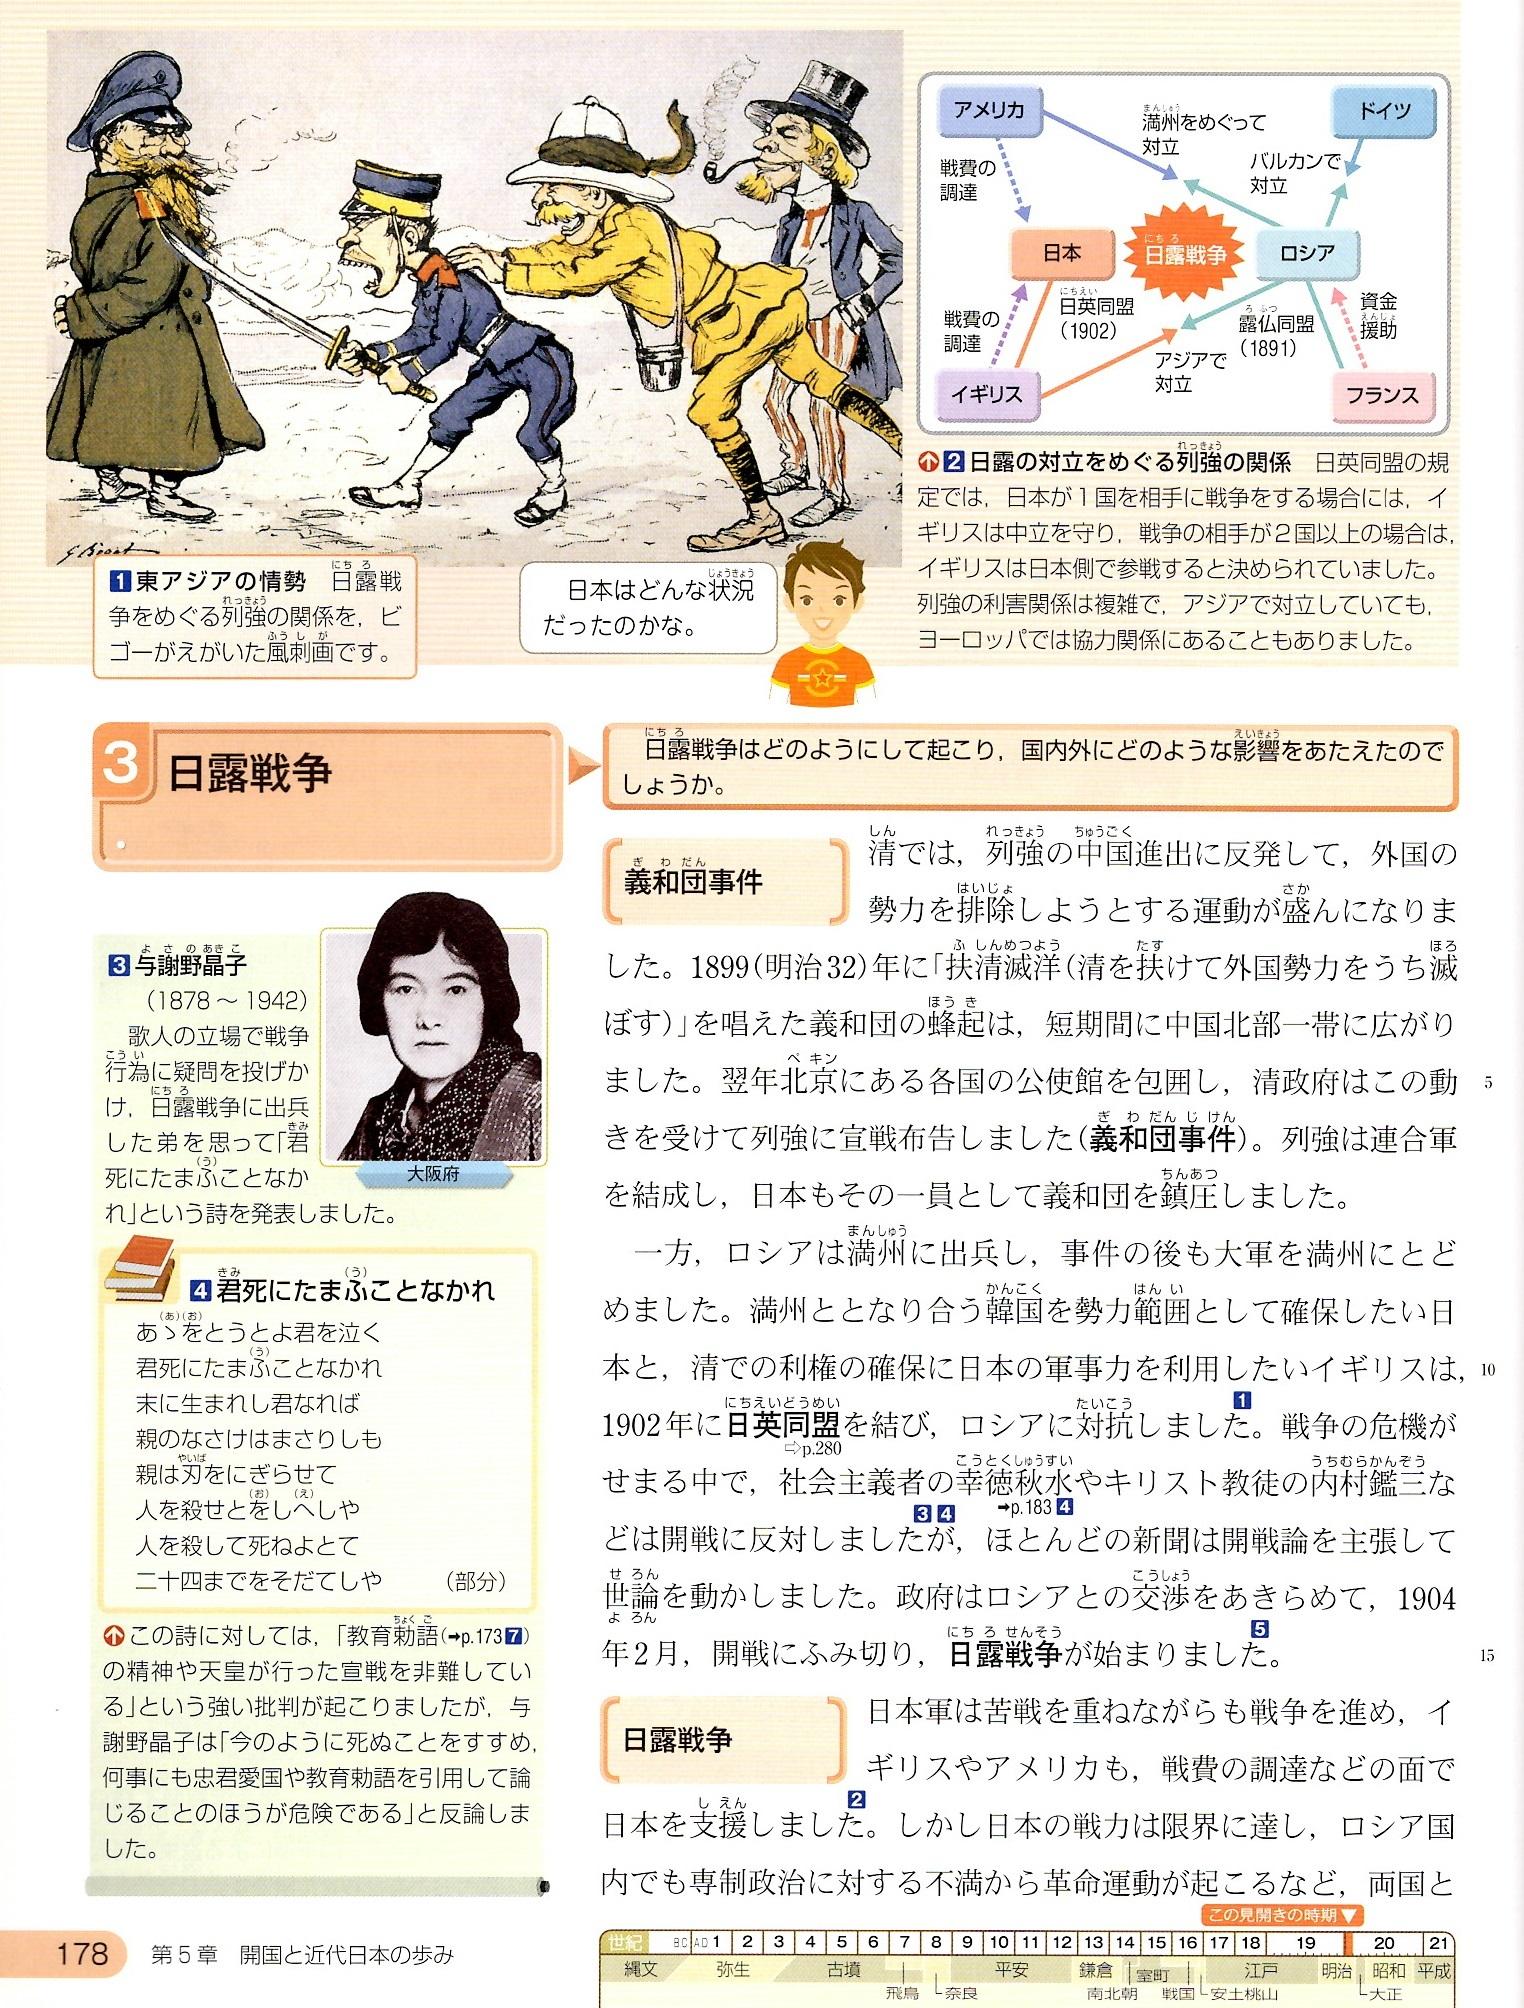 東京書籍 日露戦争 1